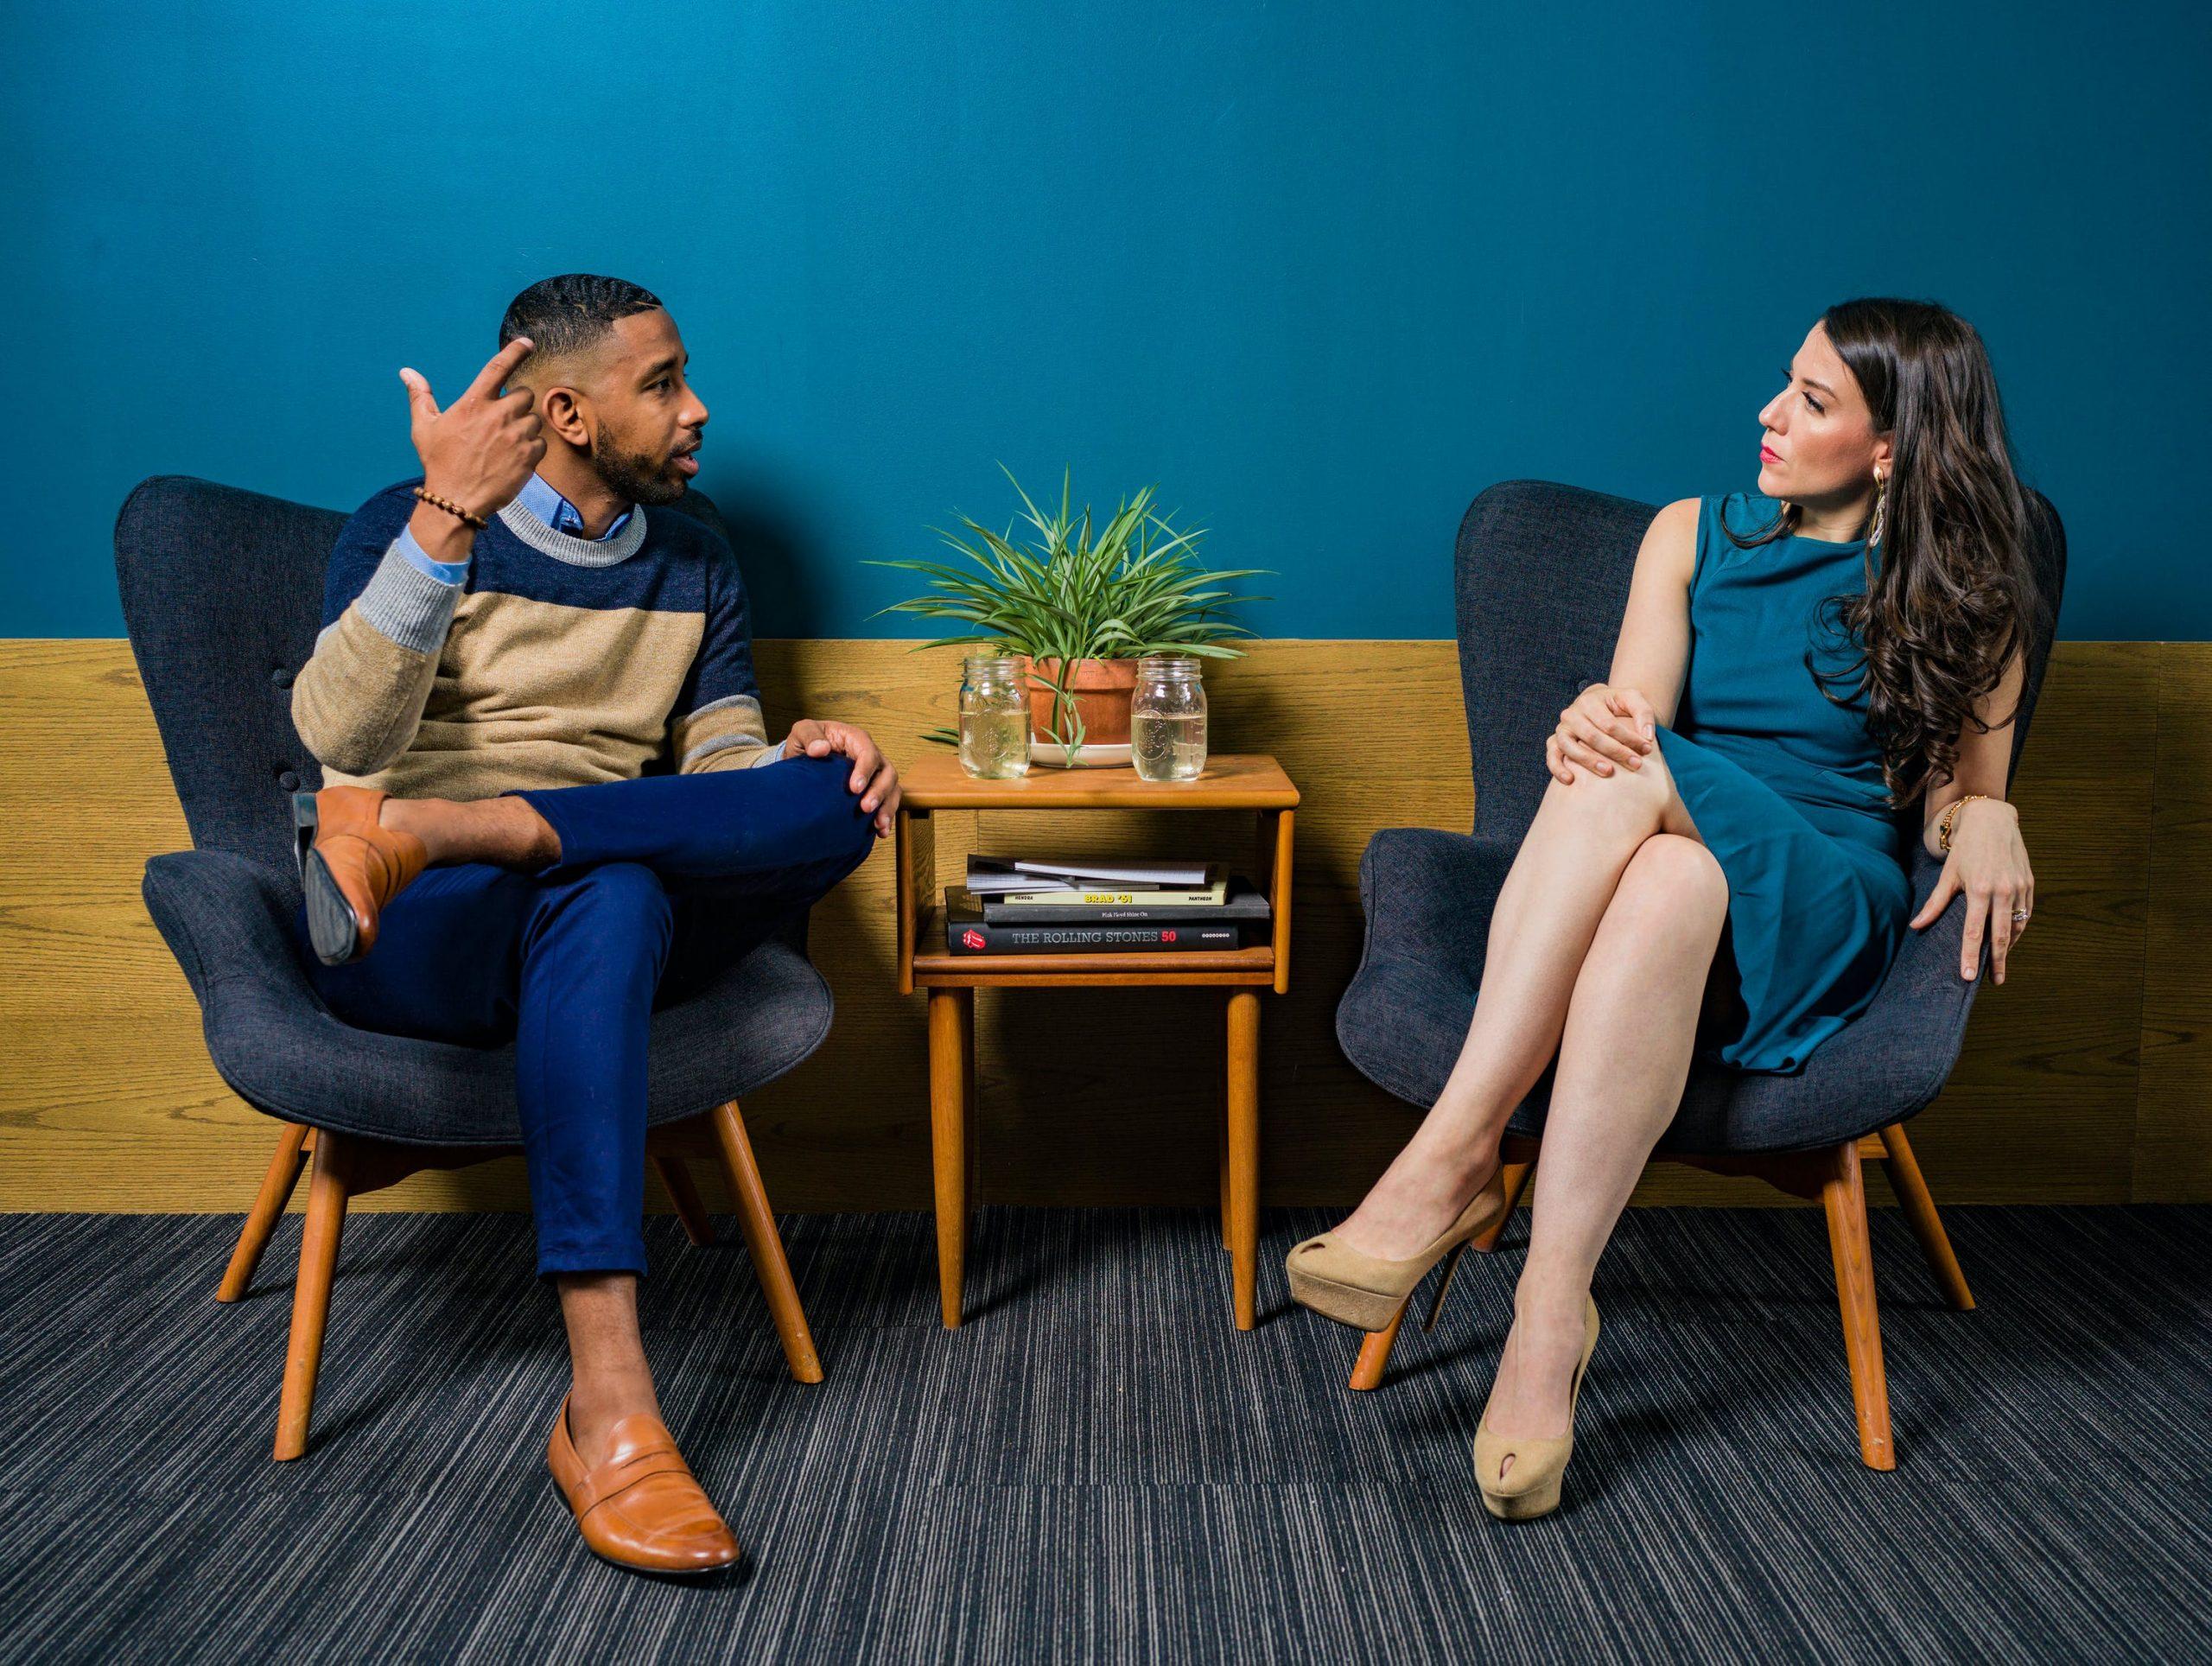 preken gesprek conversatie conversationeel paulien vervoorn